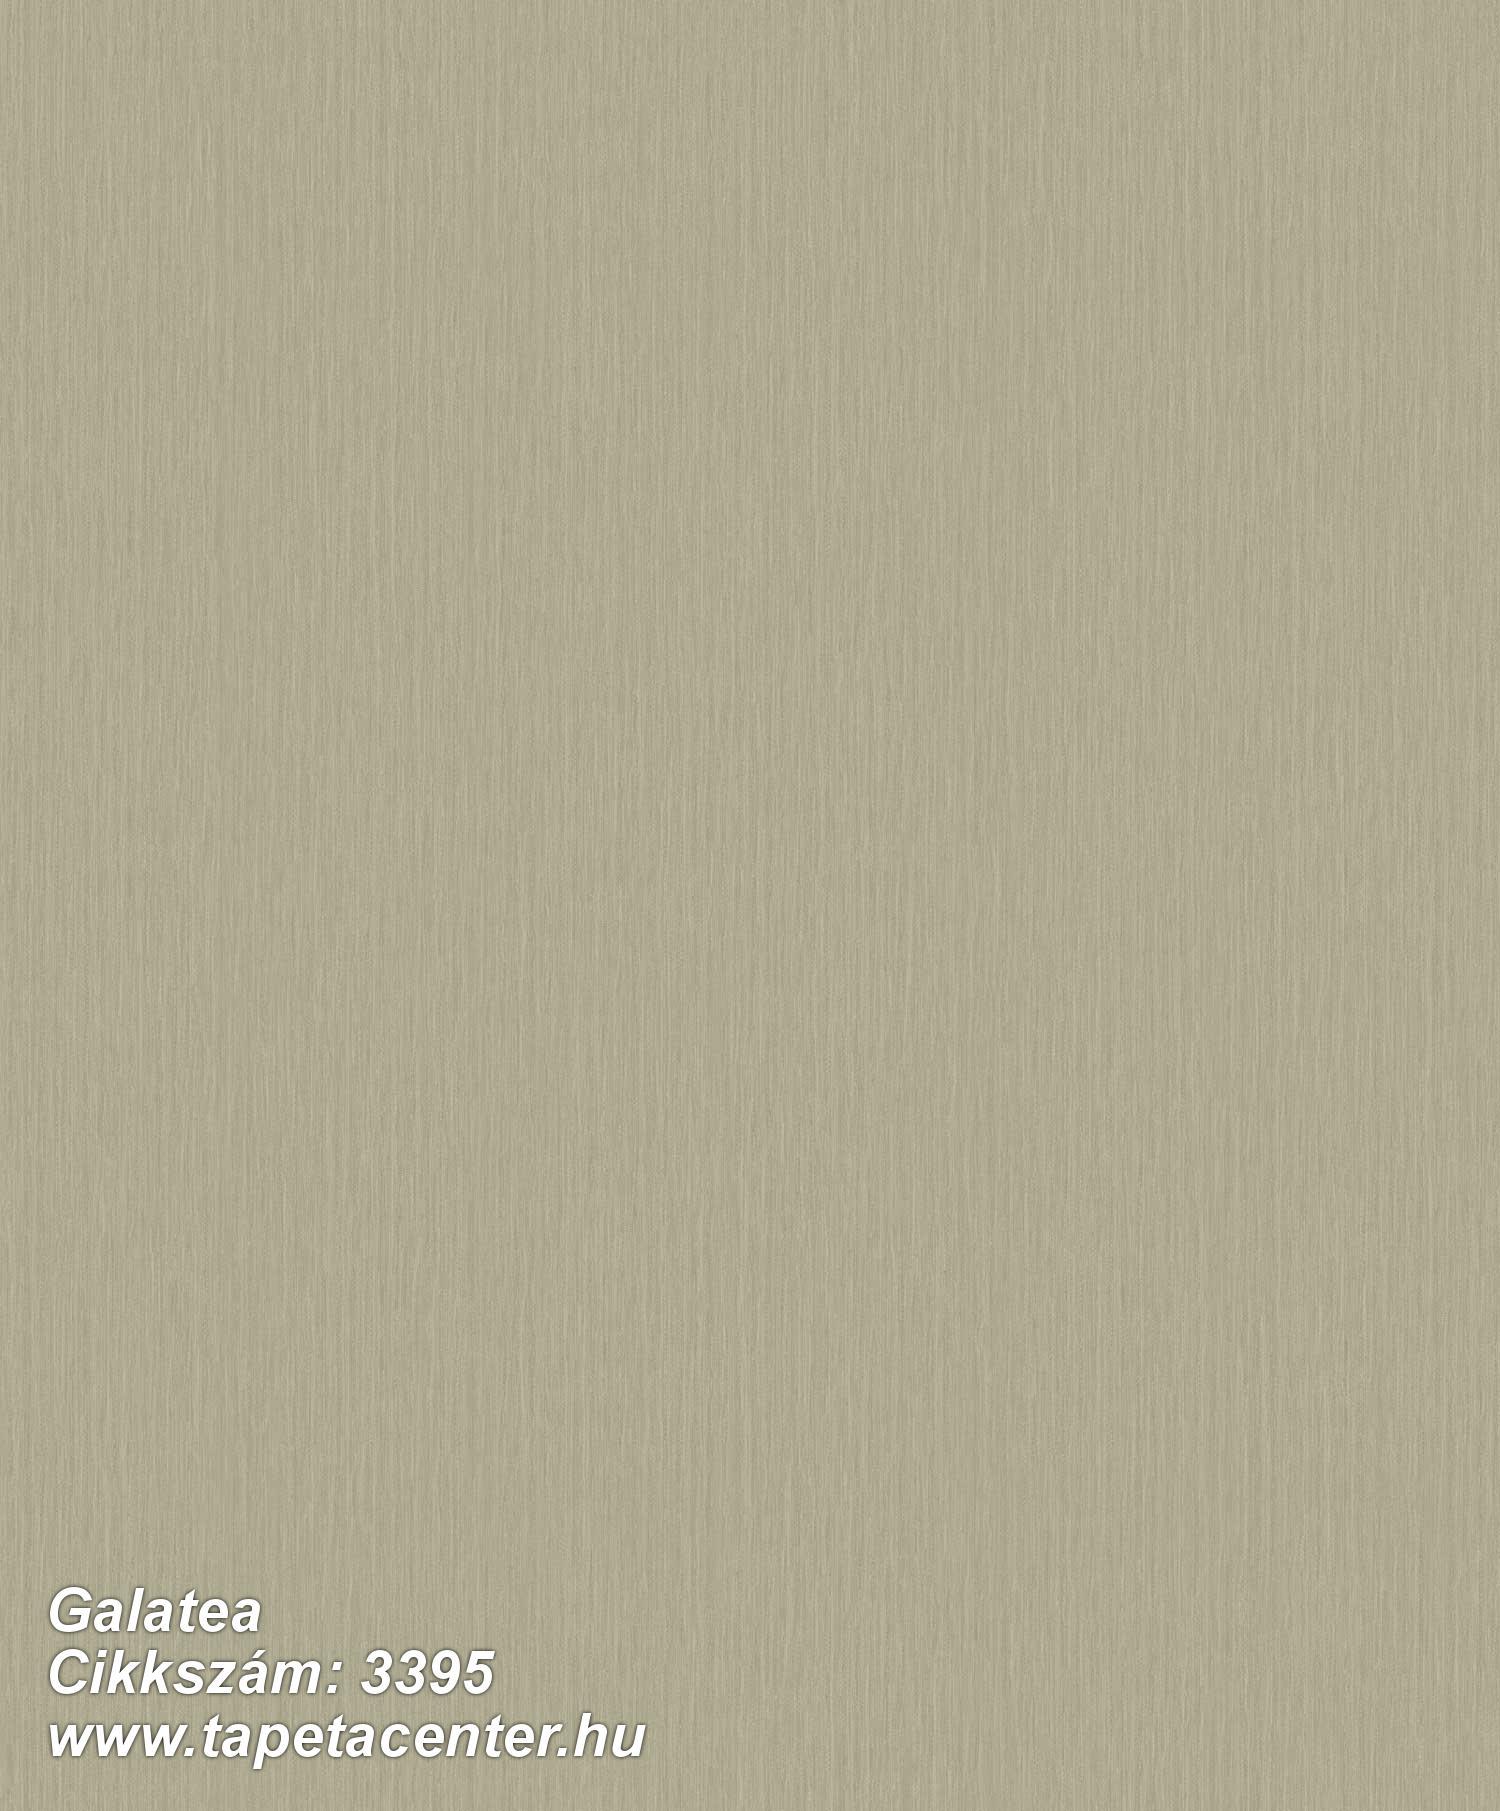 Galatea - 3395 Olasz tapéta